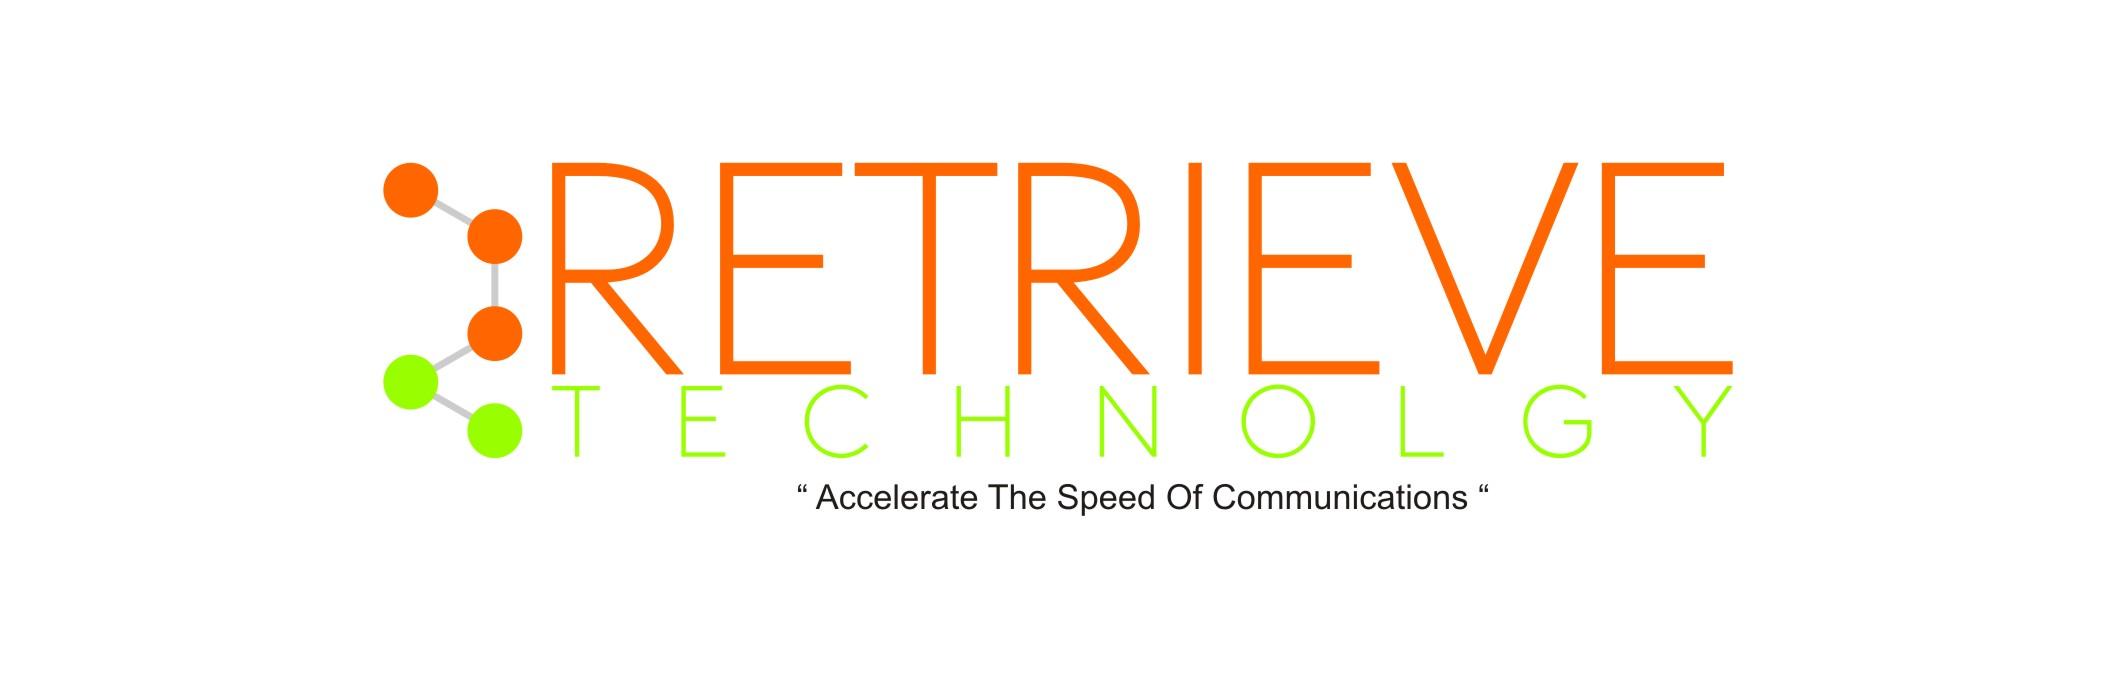 Logo Design by Gogon Reznor - Entry No. 124 in the Logo Design Contest Artistic Logo Design for Retrieve Technologies.